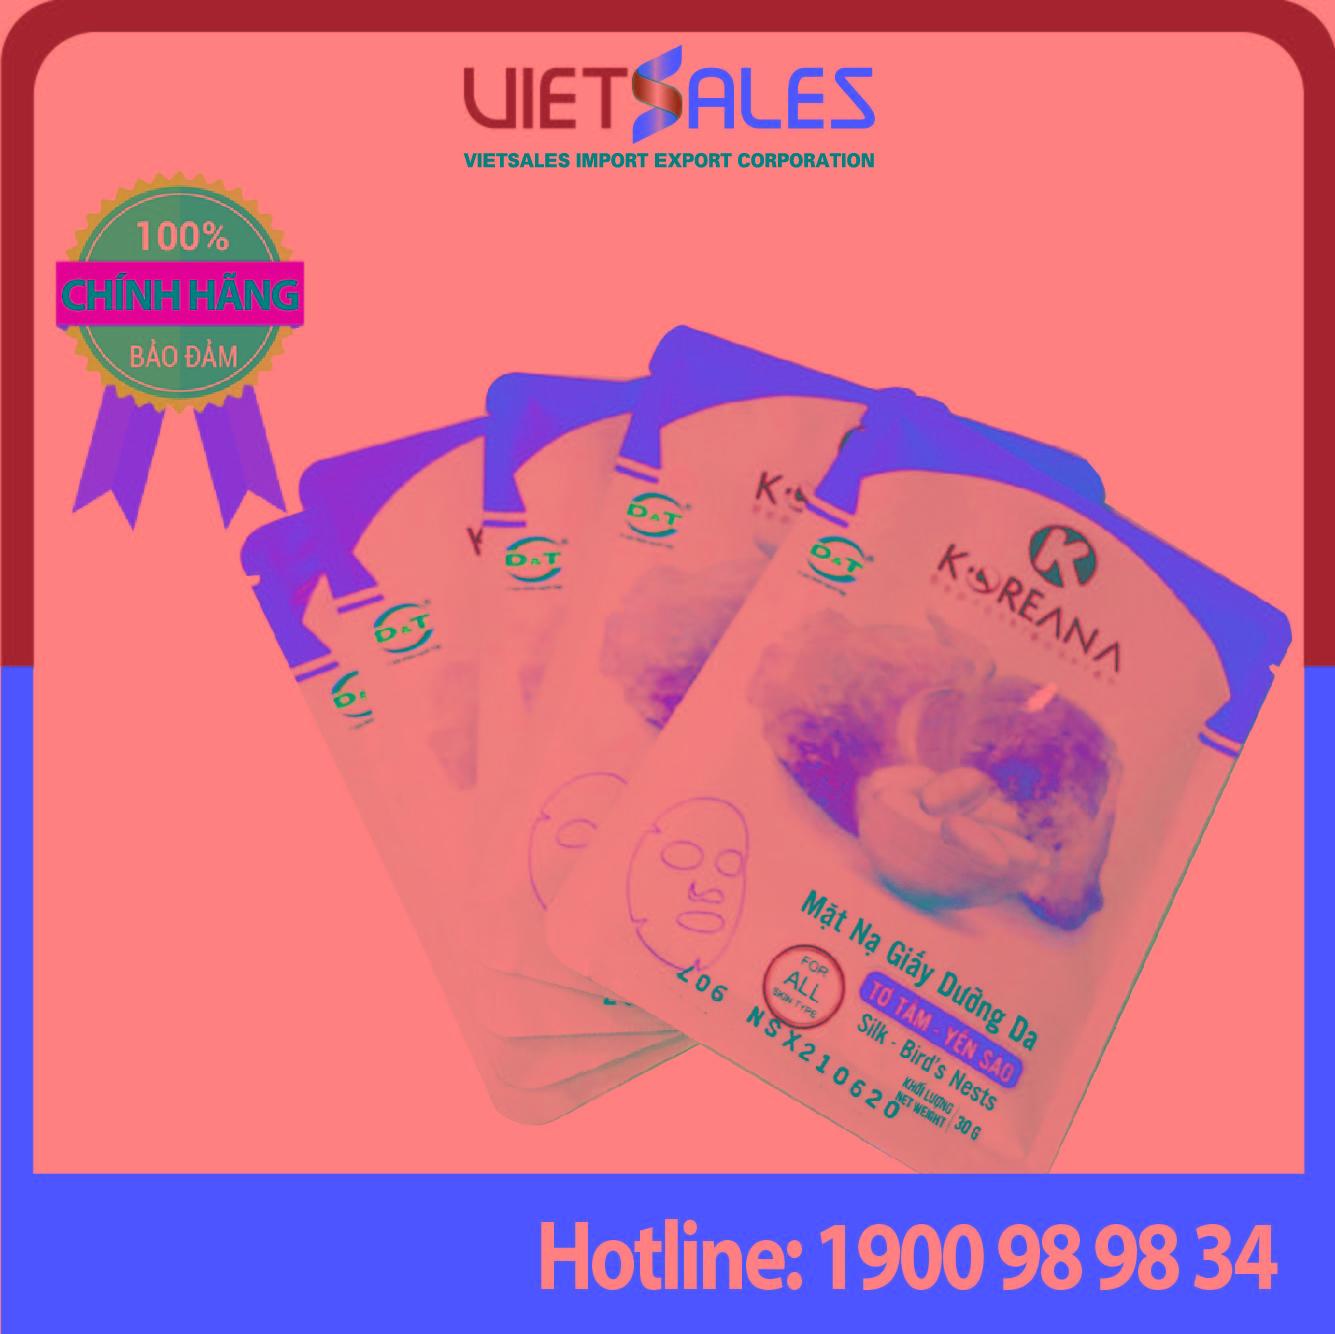 Mặt Nạ Giấy Tơ Tằm - Yến Sào KOREANA CAO CẤP dưỡng ẩm, cung cấp dưỡng chất cho da